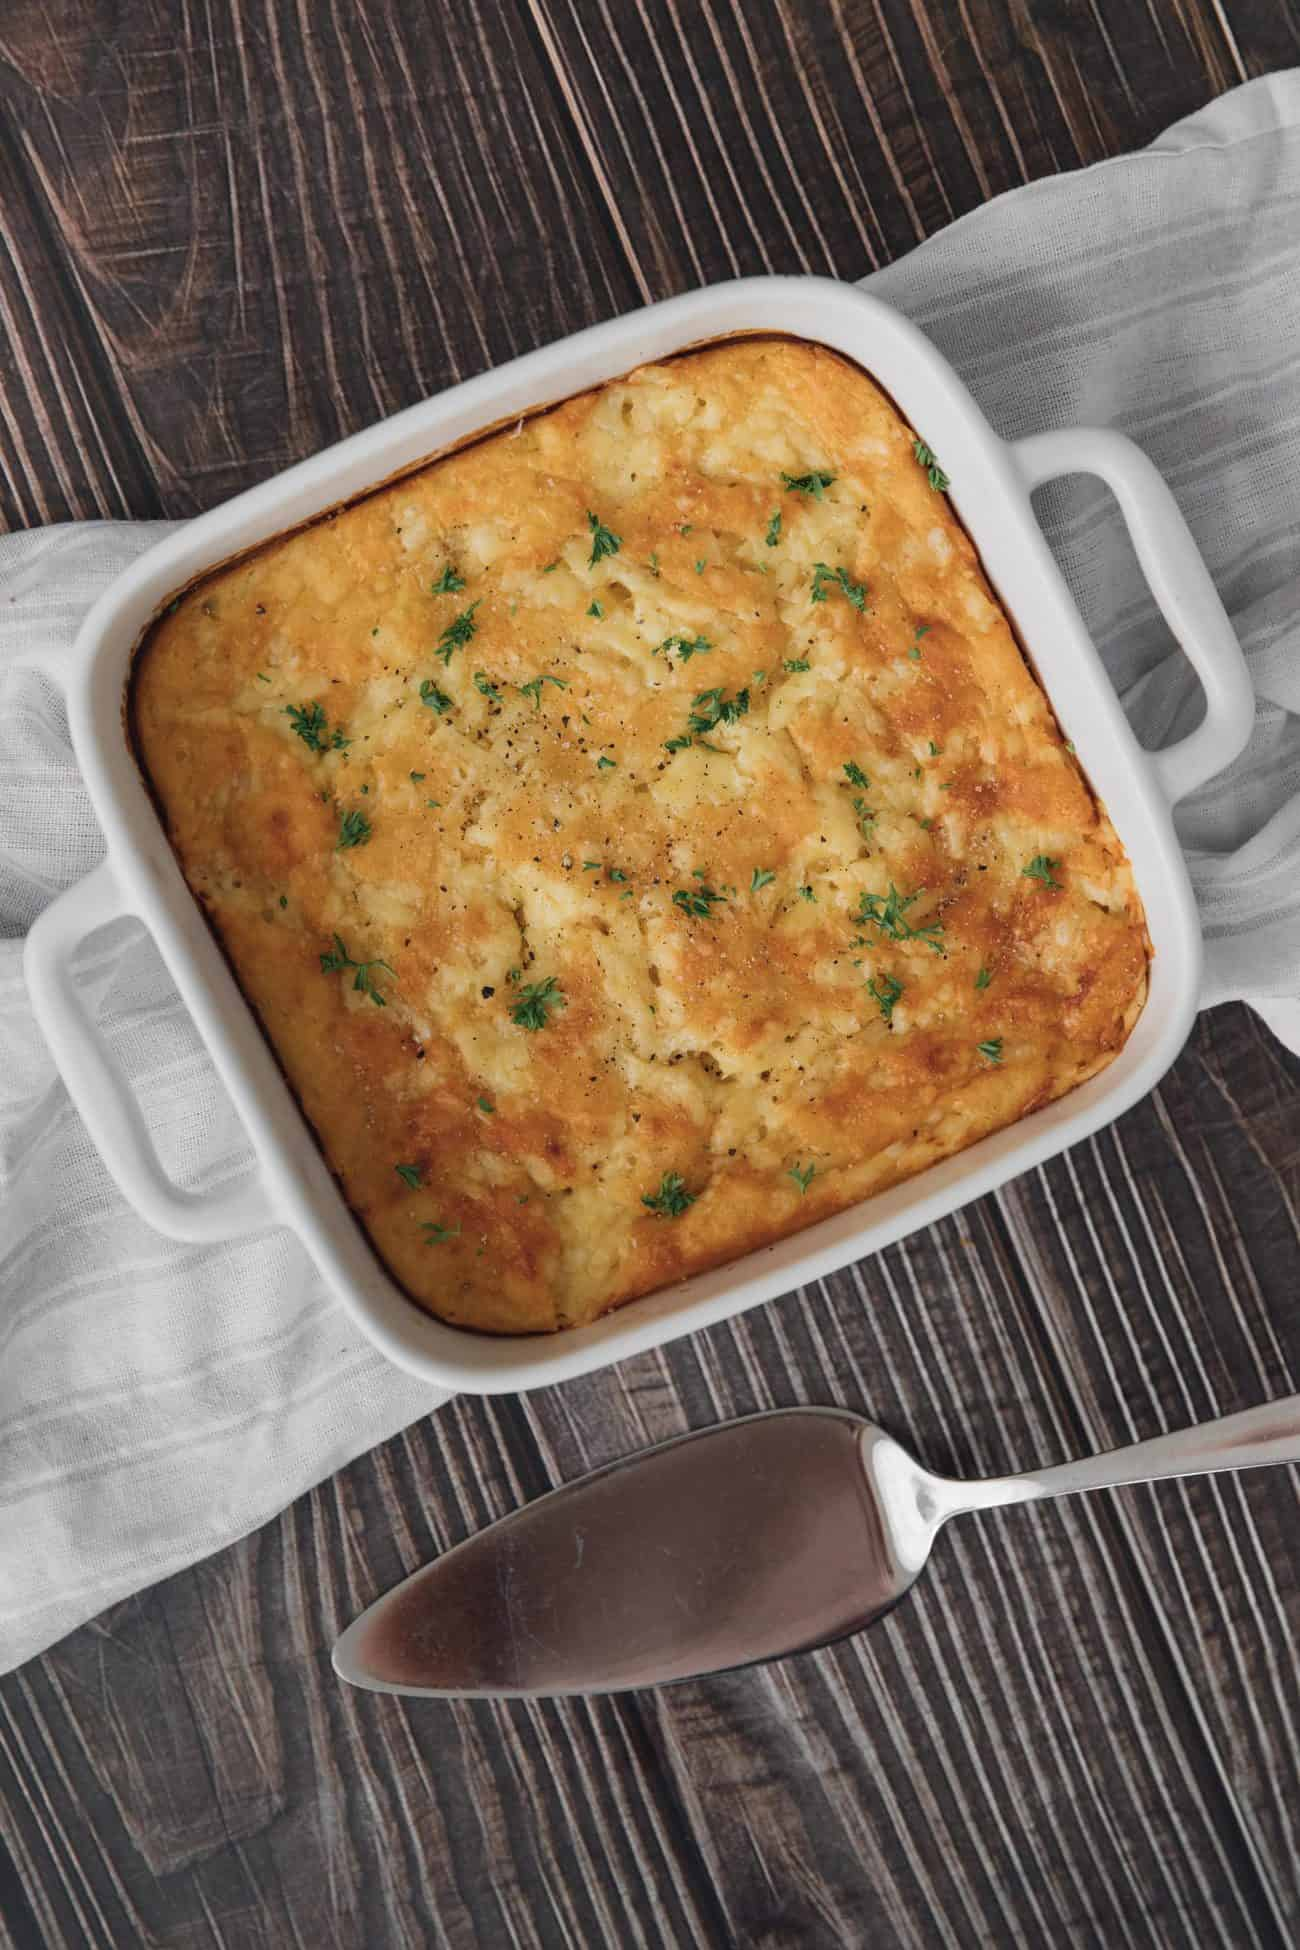 Cheesy, Creamy Cornbread Casserole